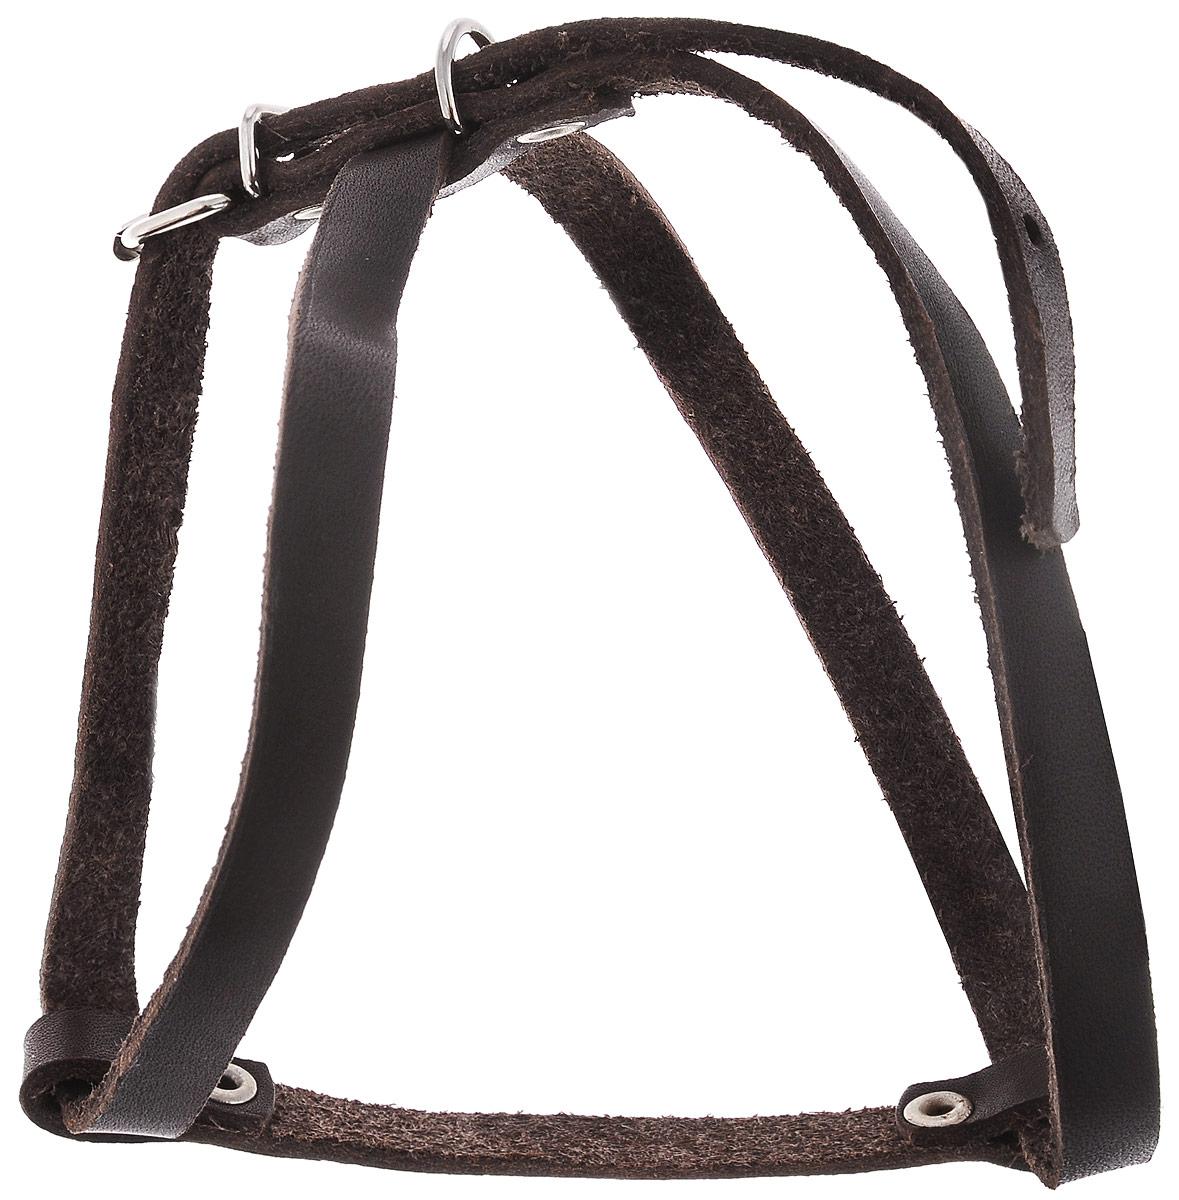 Шлейка для собак и кошек Каскад Восьмерка, ширина 1 см, обхват груди 30-37 см01010201кШлейка Каскад Восьмерка, изготовленная из и натуральной кожи, подходит для собак мелких пород и кошек. Крепкие металлические элементы делают ее надежной и долговечной. Шлейка - это альтернатива ошейнику. Правильно подобранная шлейка не стесняет движения питомца, не натирает кожу, поэтому животное чувствует себя в ней уверенно и комфортно. Изделие отличается высоким качеством, удобством и универсальностью. Размер регулируется при помощи пряжек, зафиксированных в одном из 7 отверстий.Обхват шеи: 24-28 см. Обхват груди: 30-37 см.Ширина шлейки: 1см.